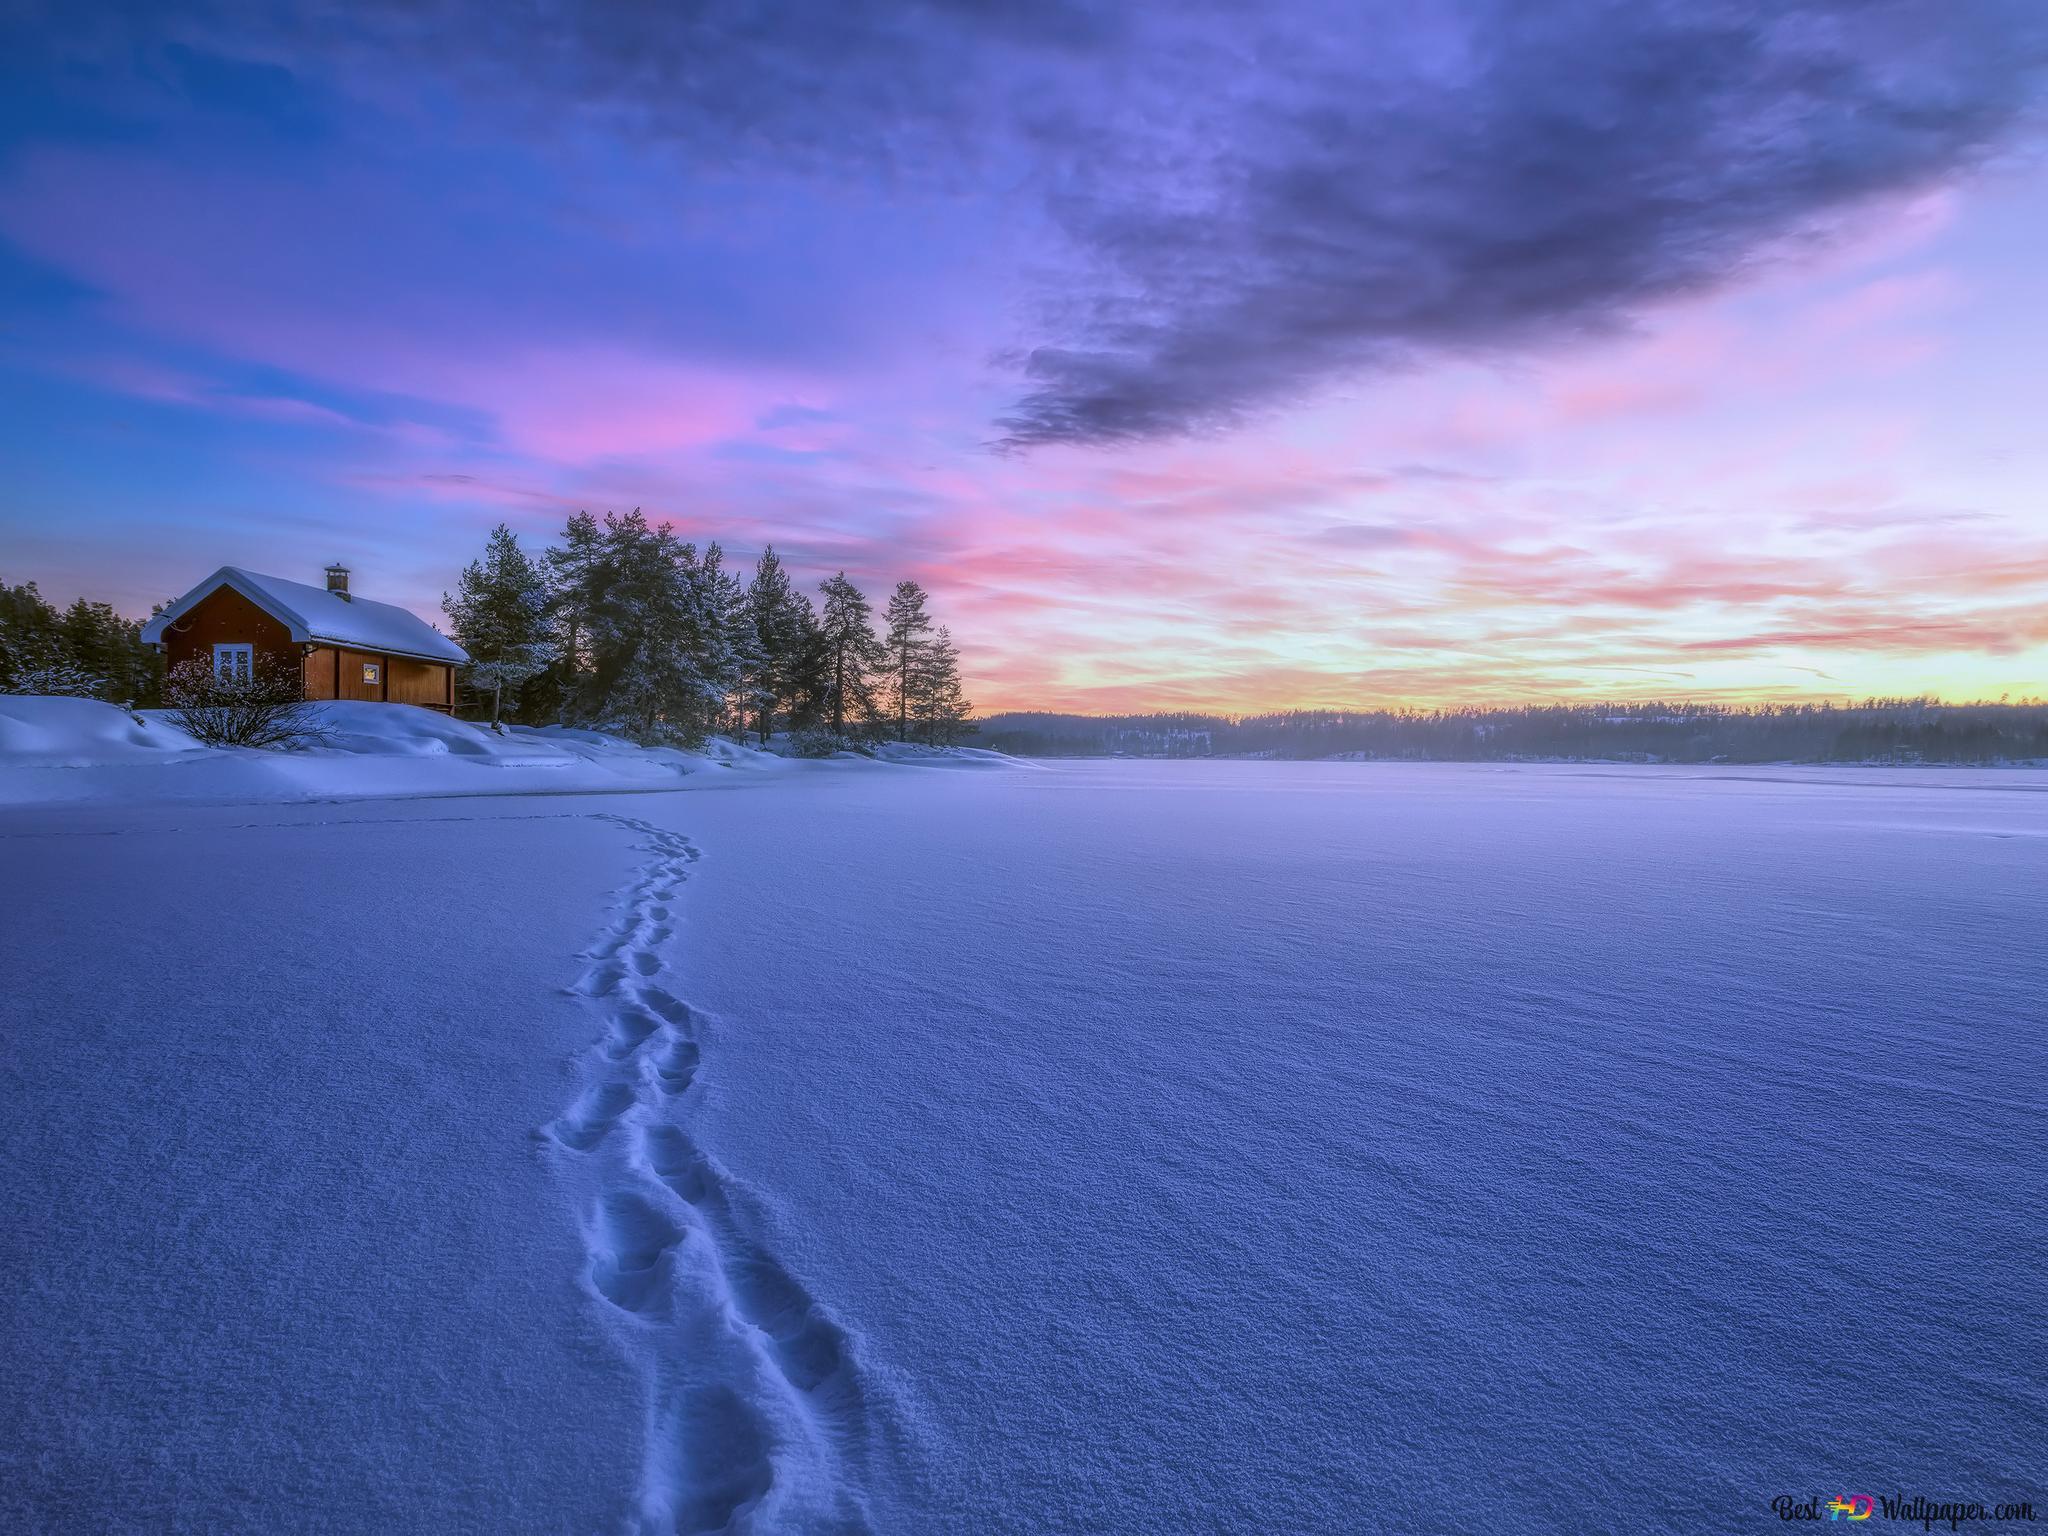 冬のキャビンと夕日 Hd壁紙のダウンロード